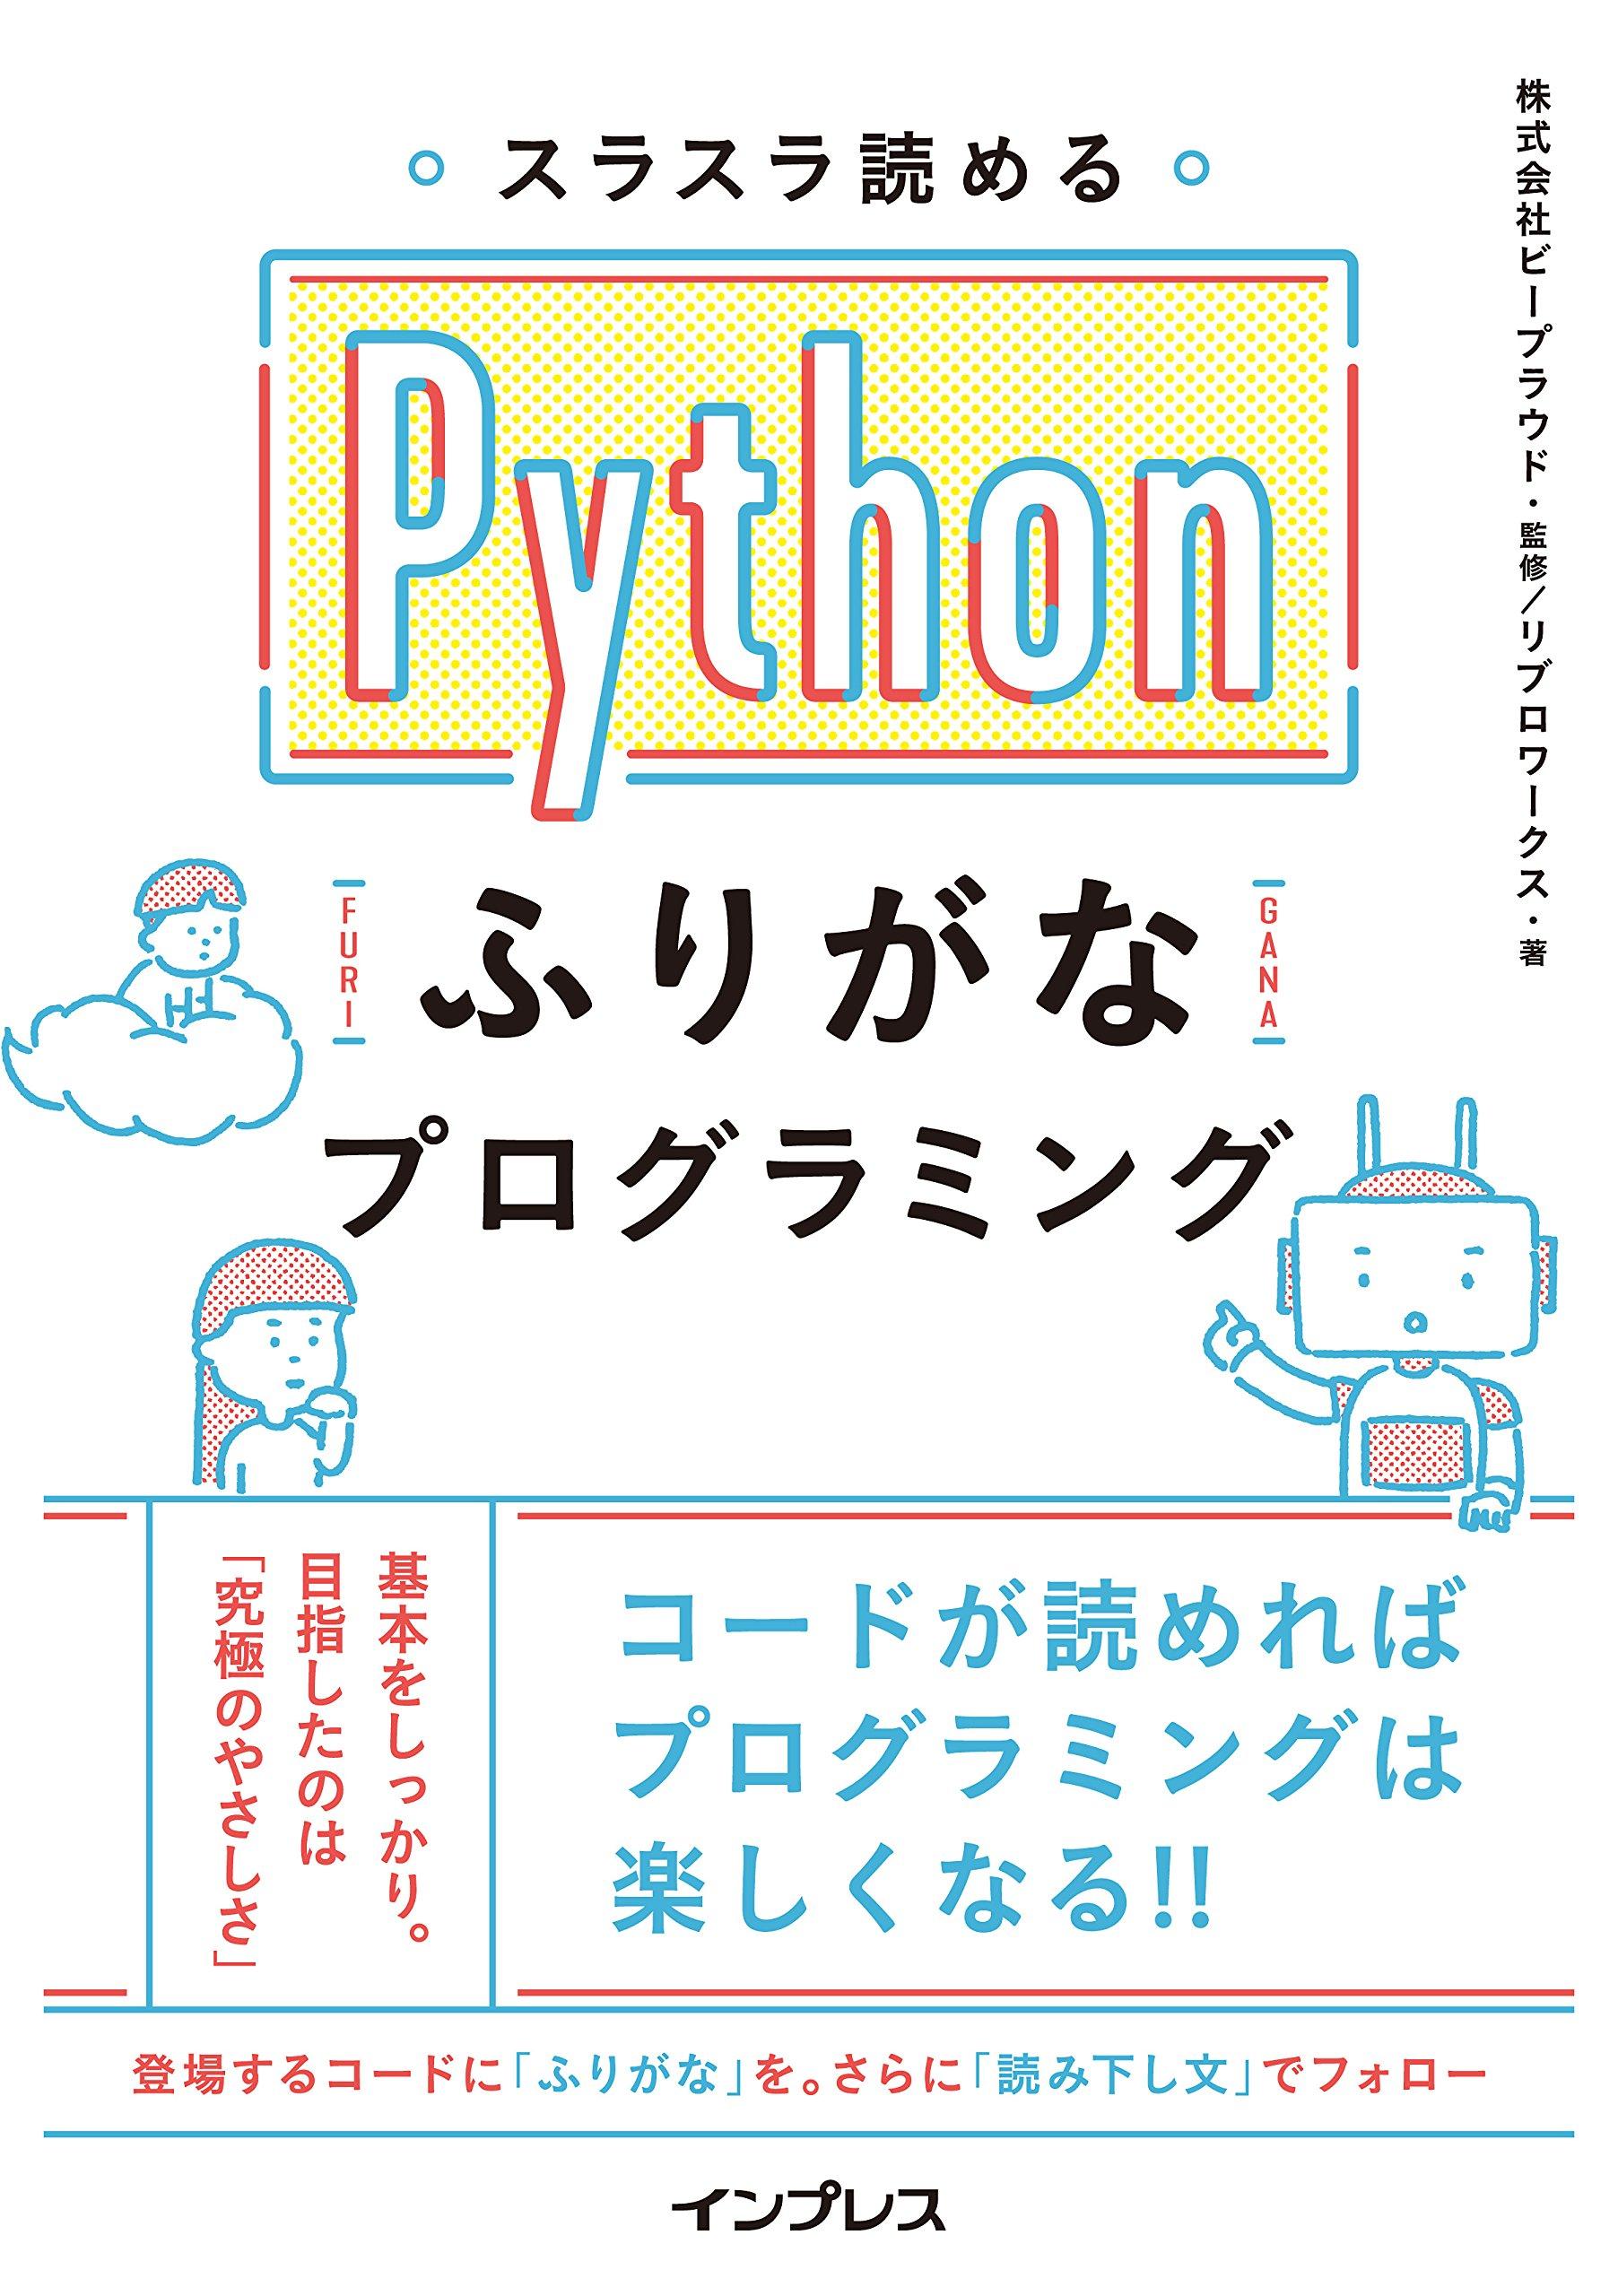 Image of スラスラ読める Pythonふりがなプログラミング